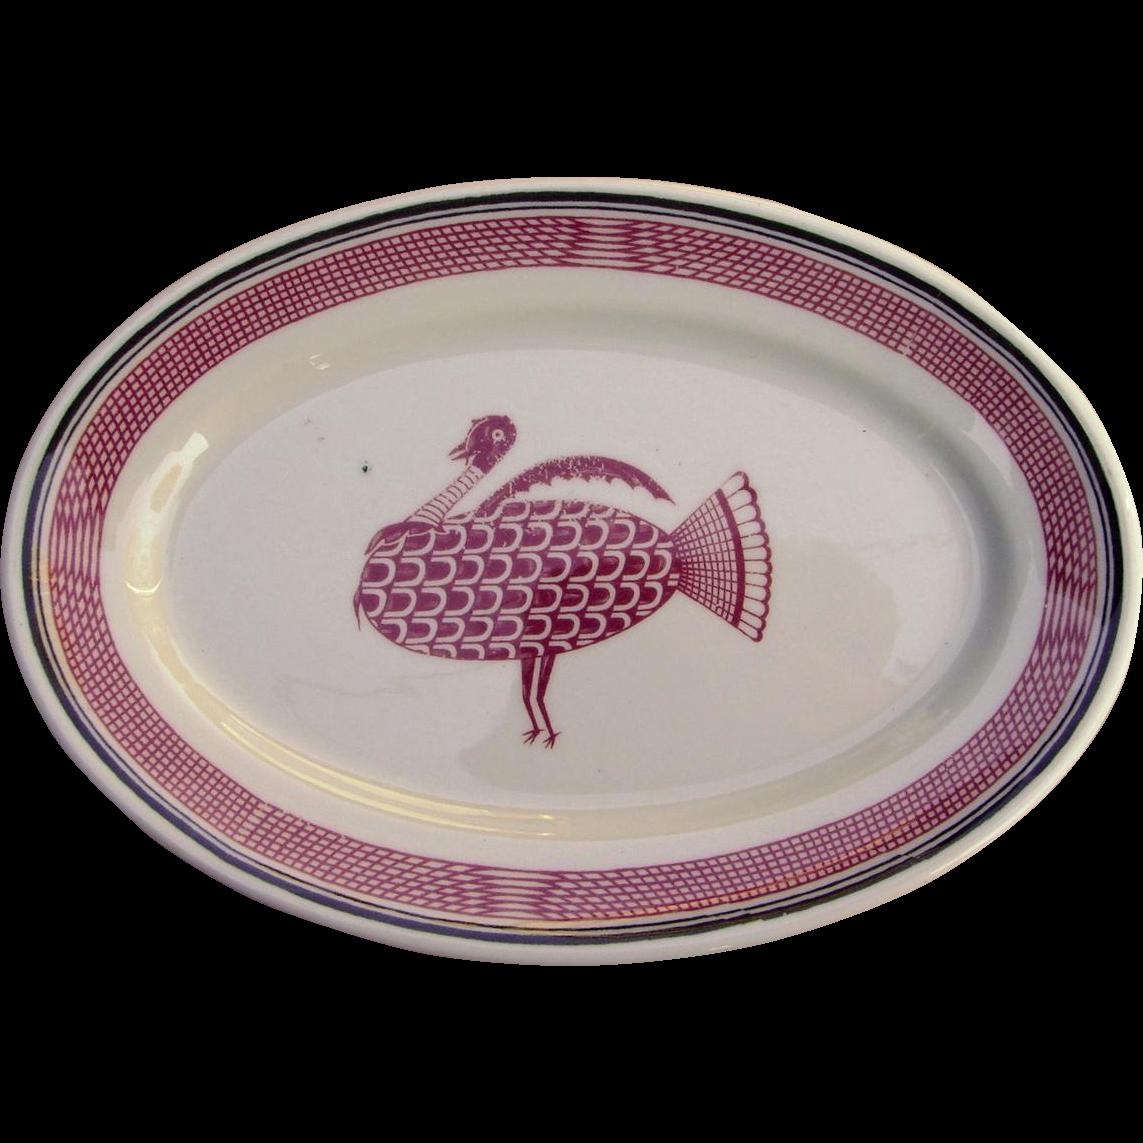 Vintage Authentic Santa Fe Railroad China Ancient Mimbreno Tiny Turkey Platter AT&SFRR